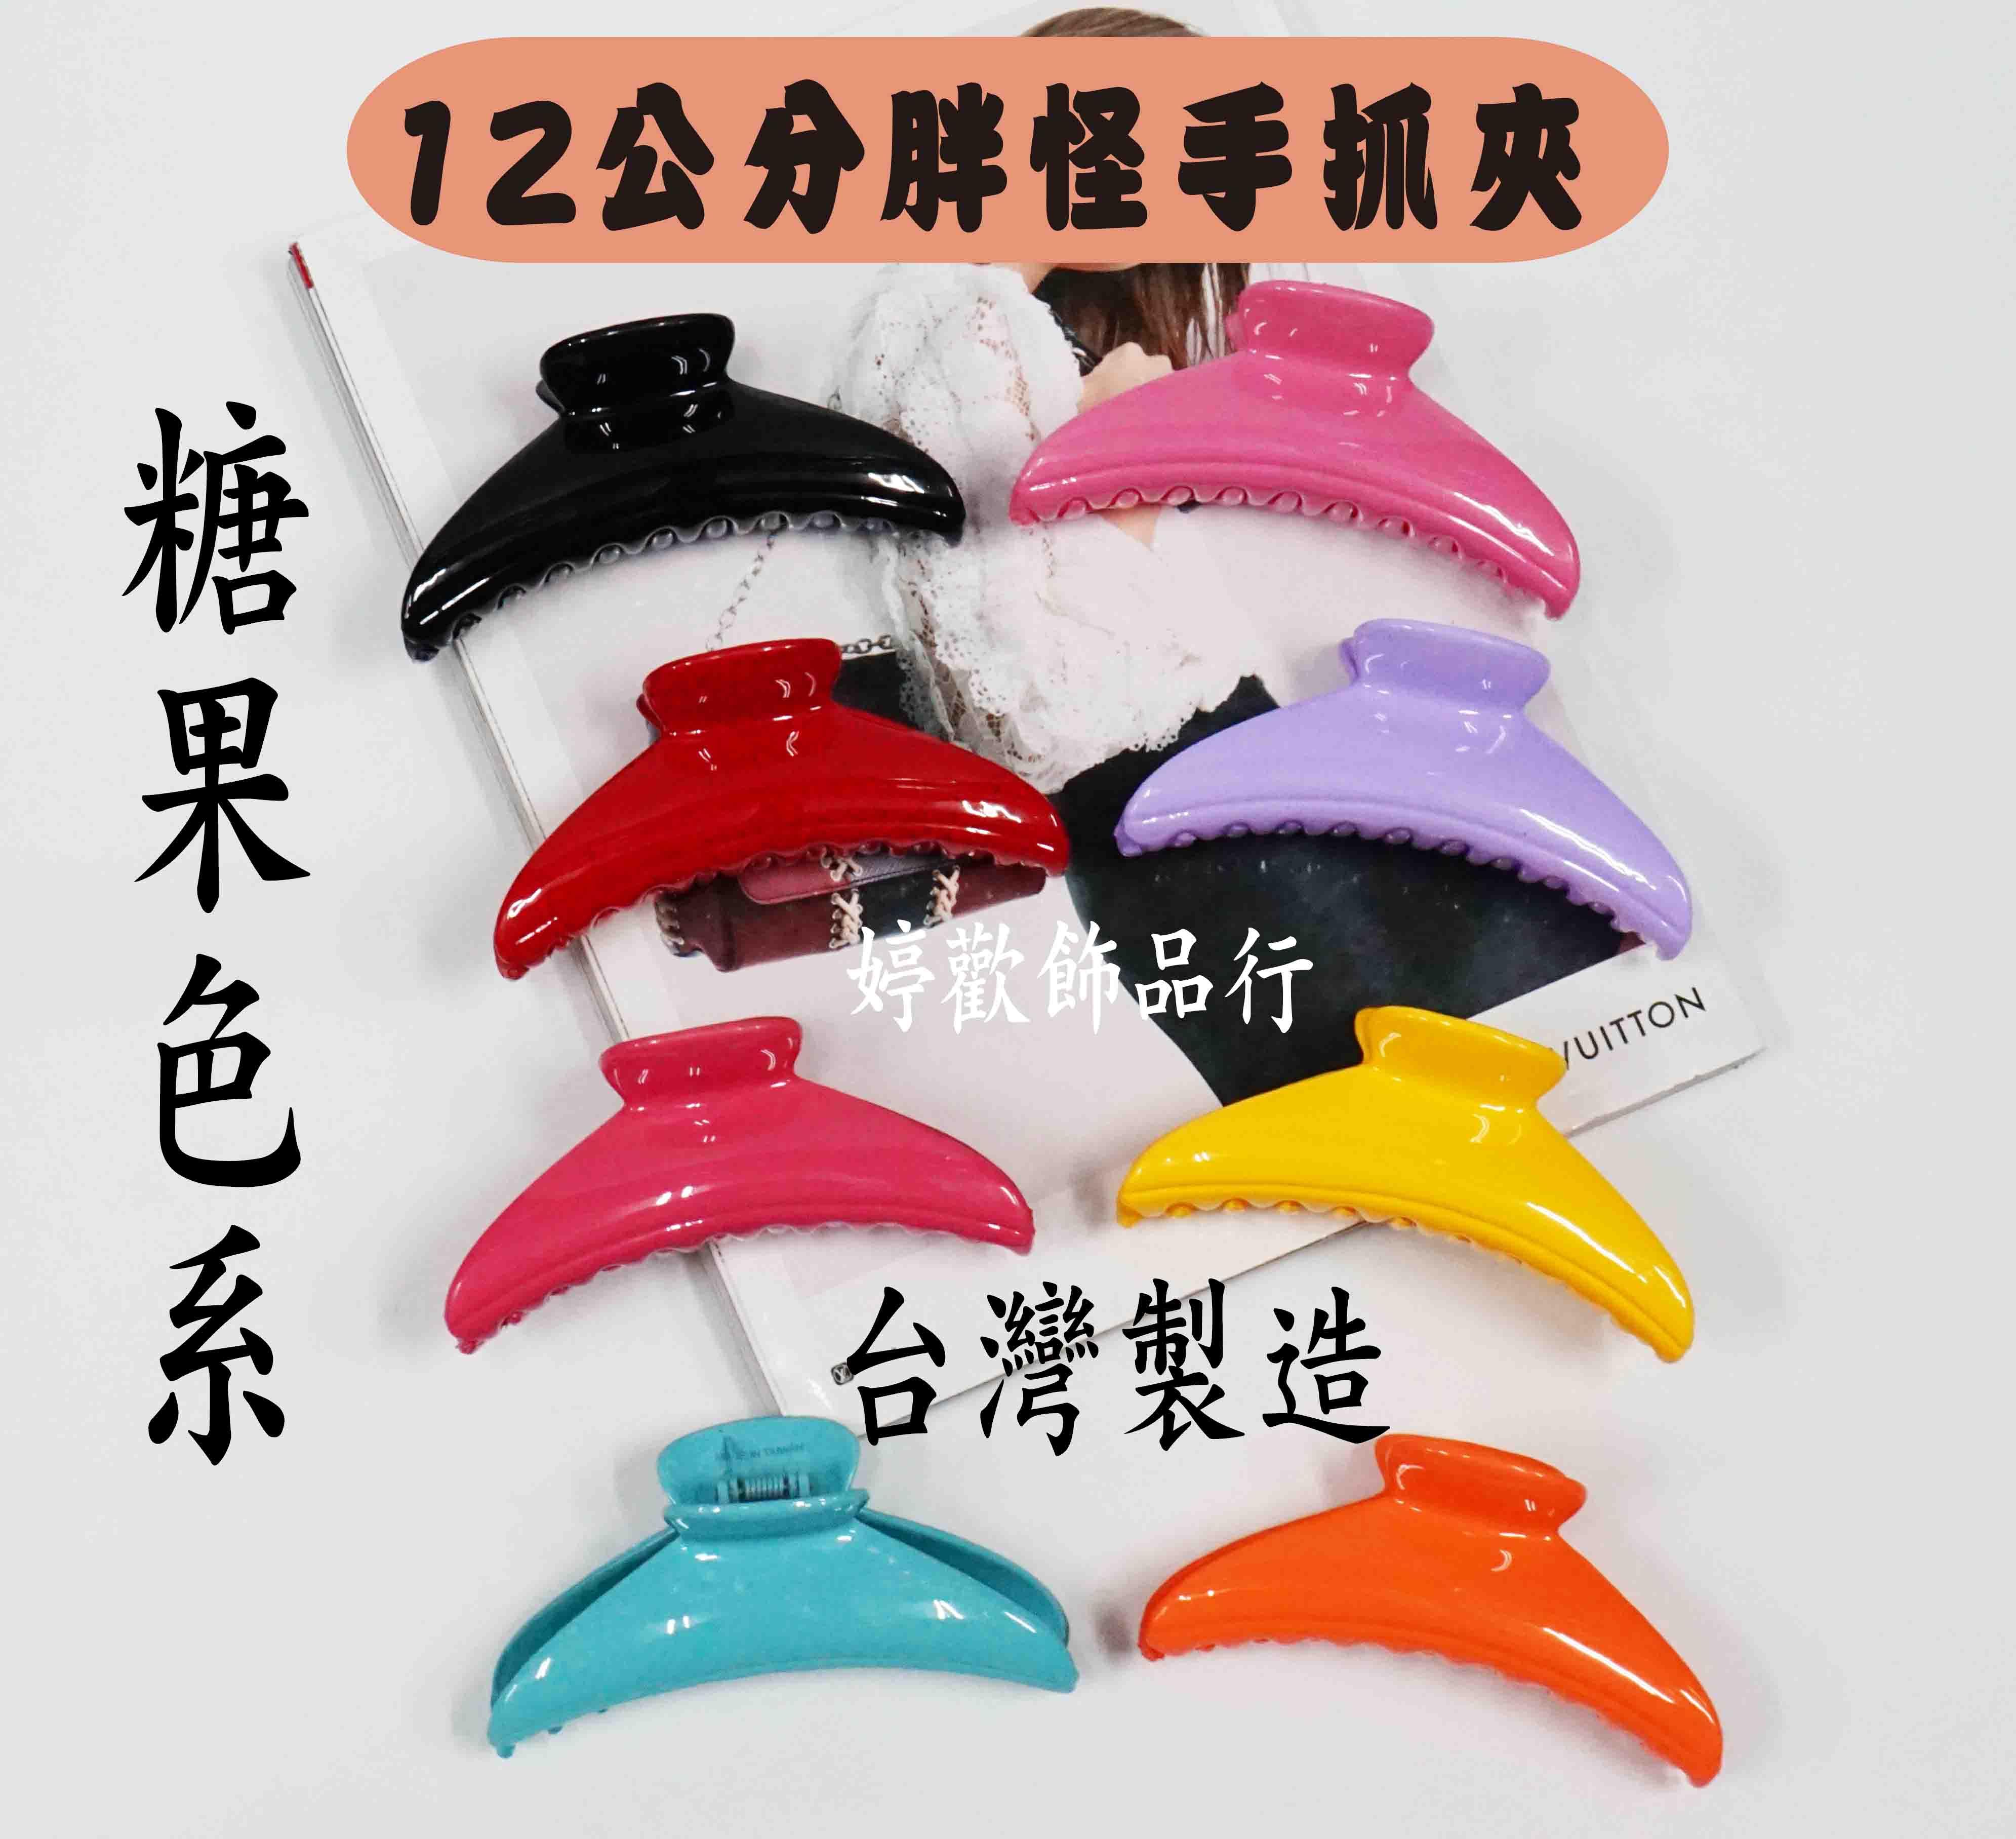 12公分胖怪手夾/鯊魚夾/大抓夾/批發價/團購價/台灣製造